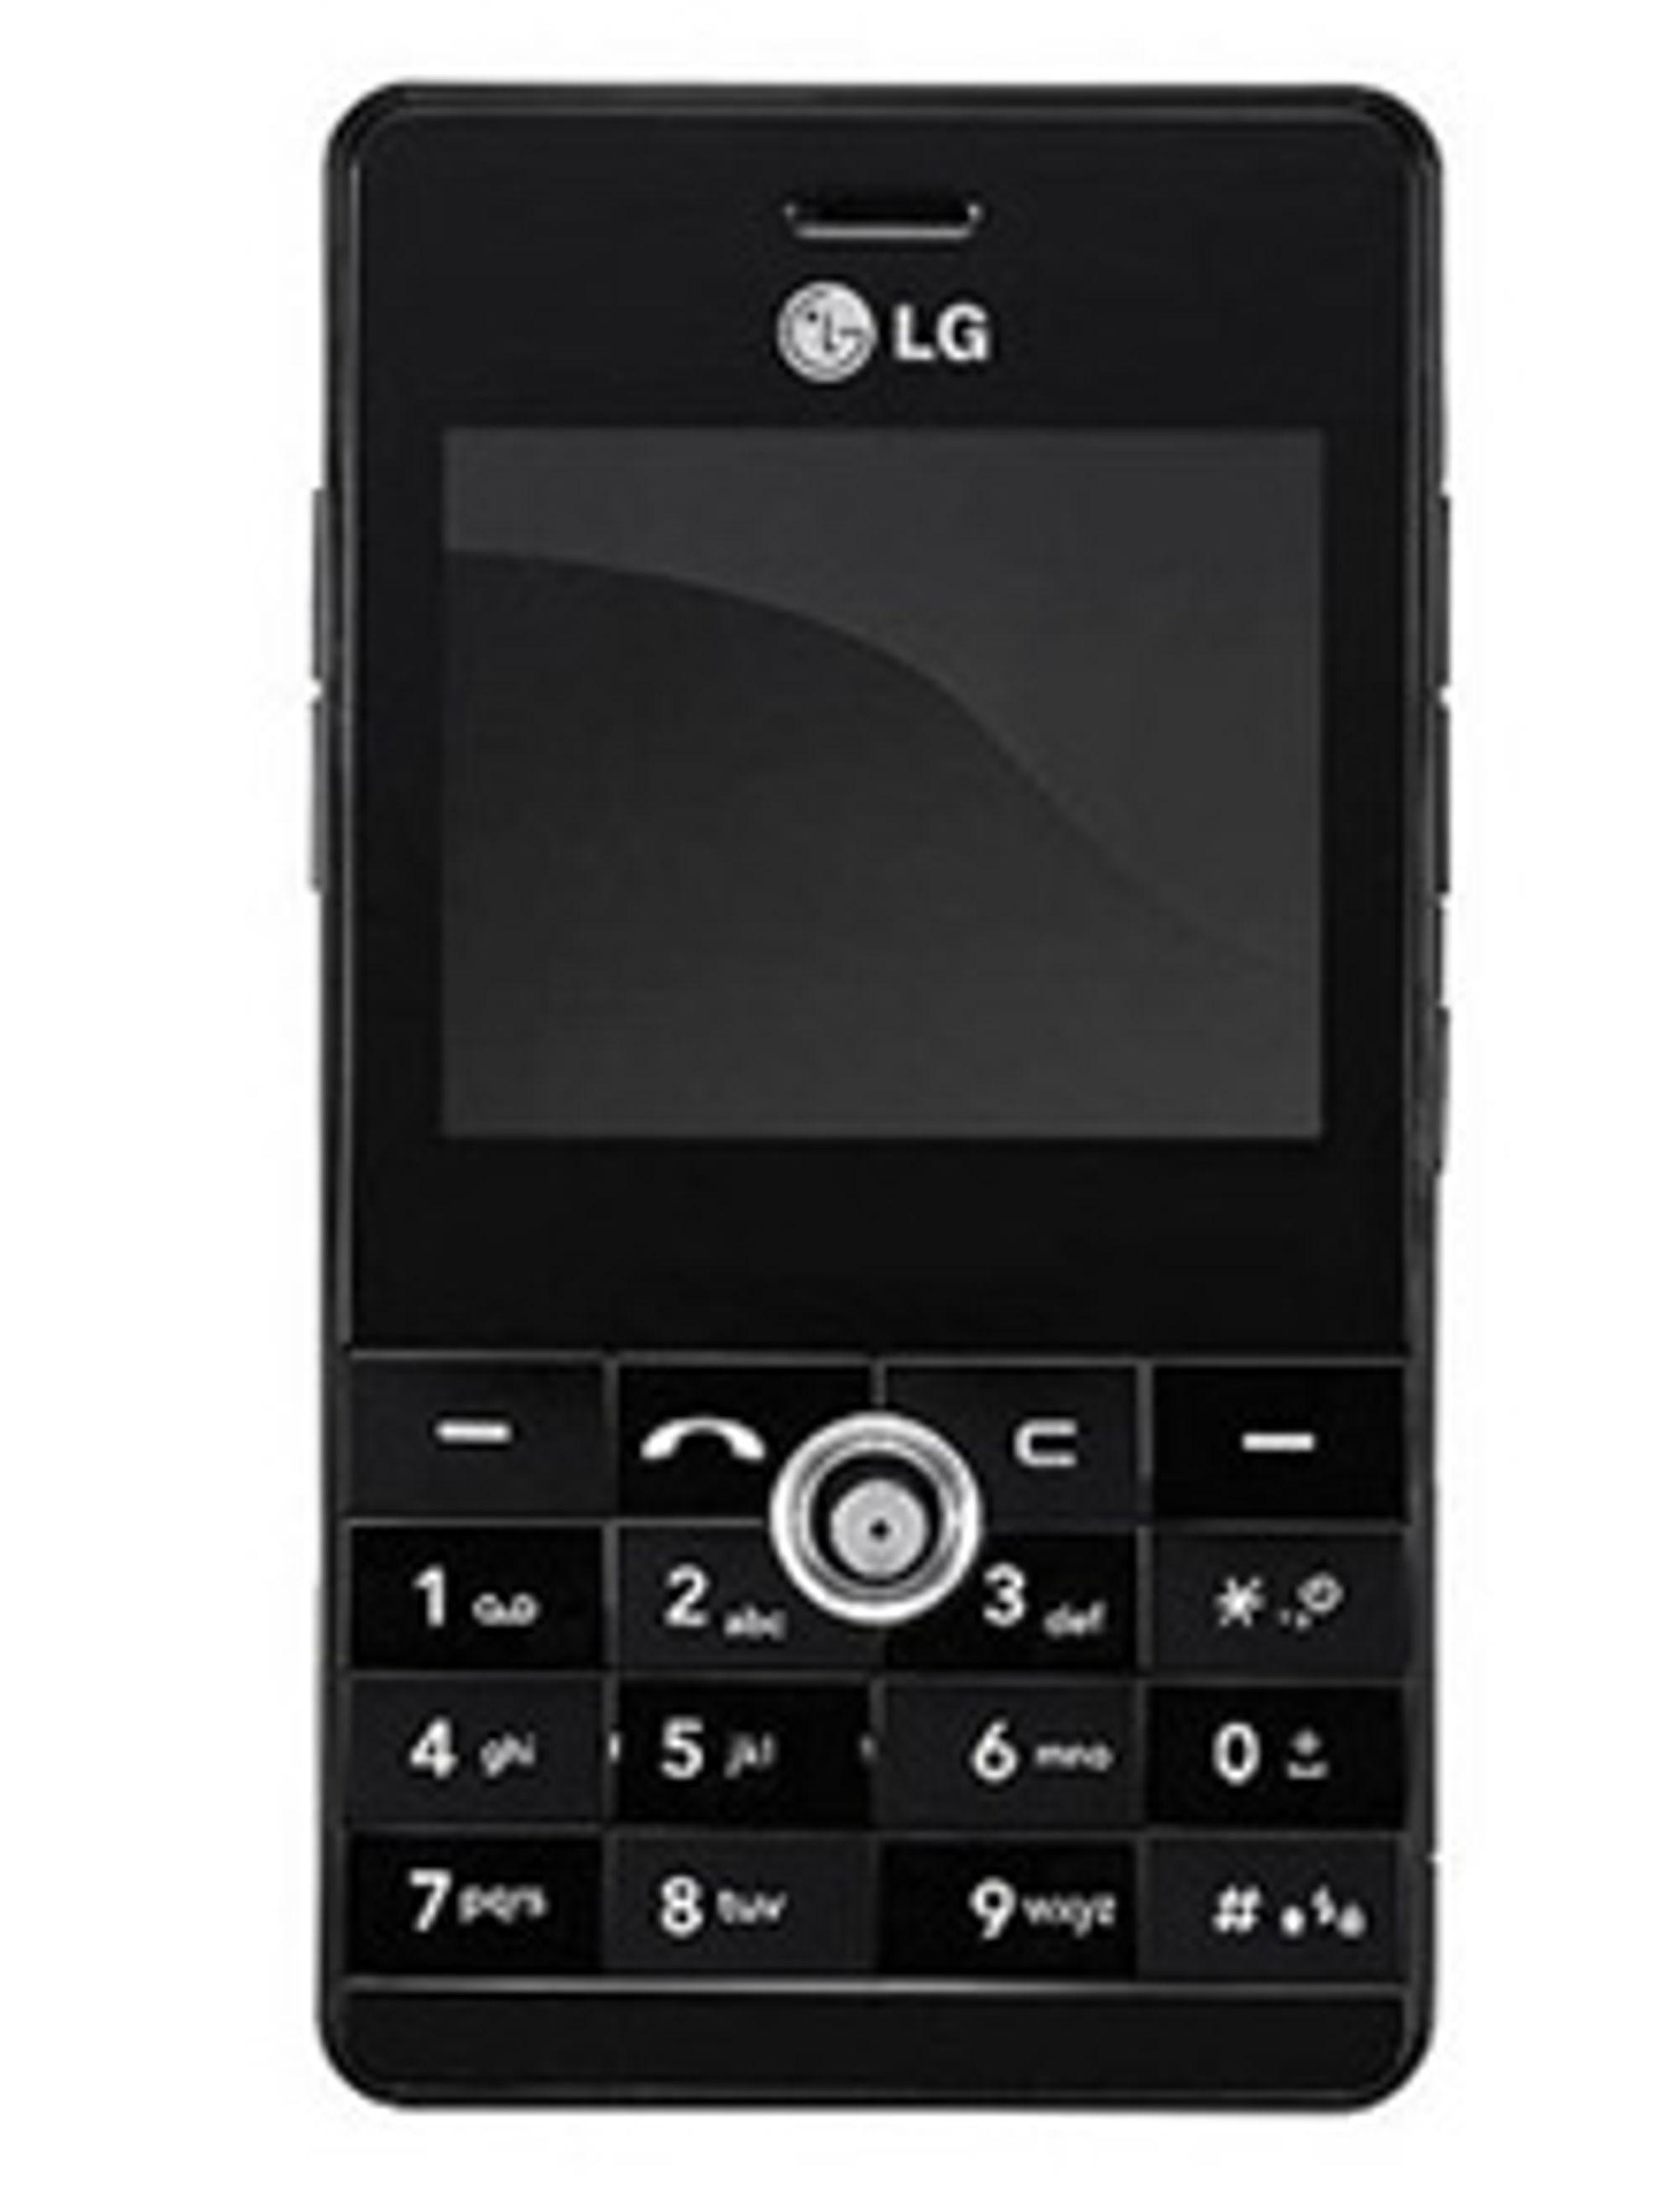 (LG KE820)